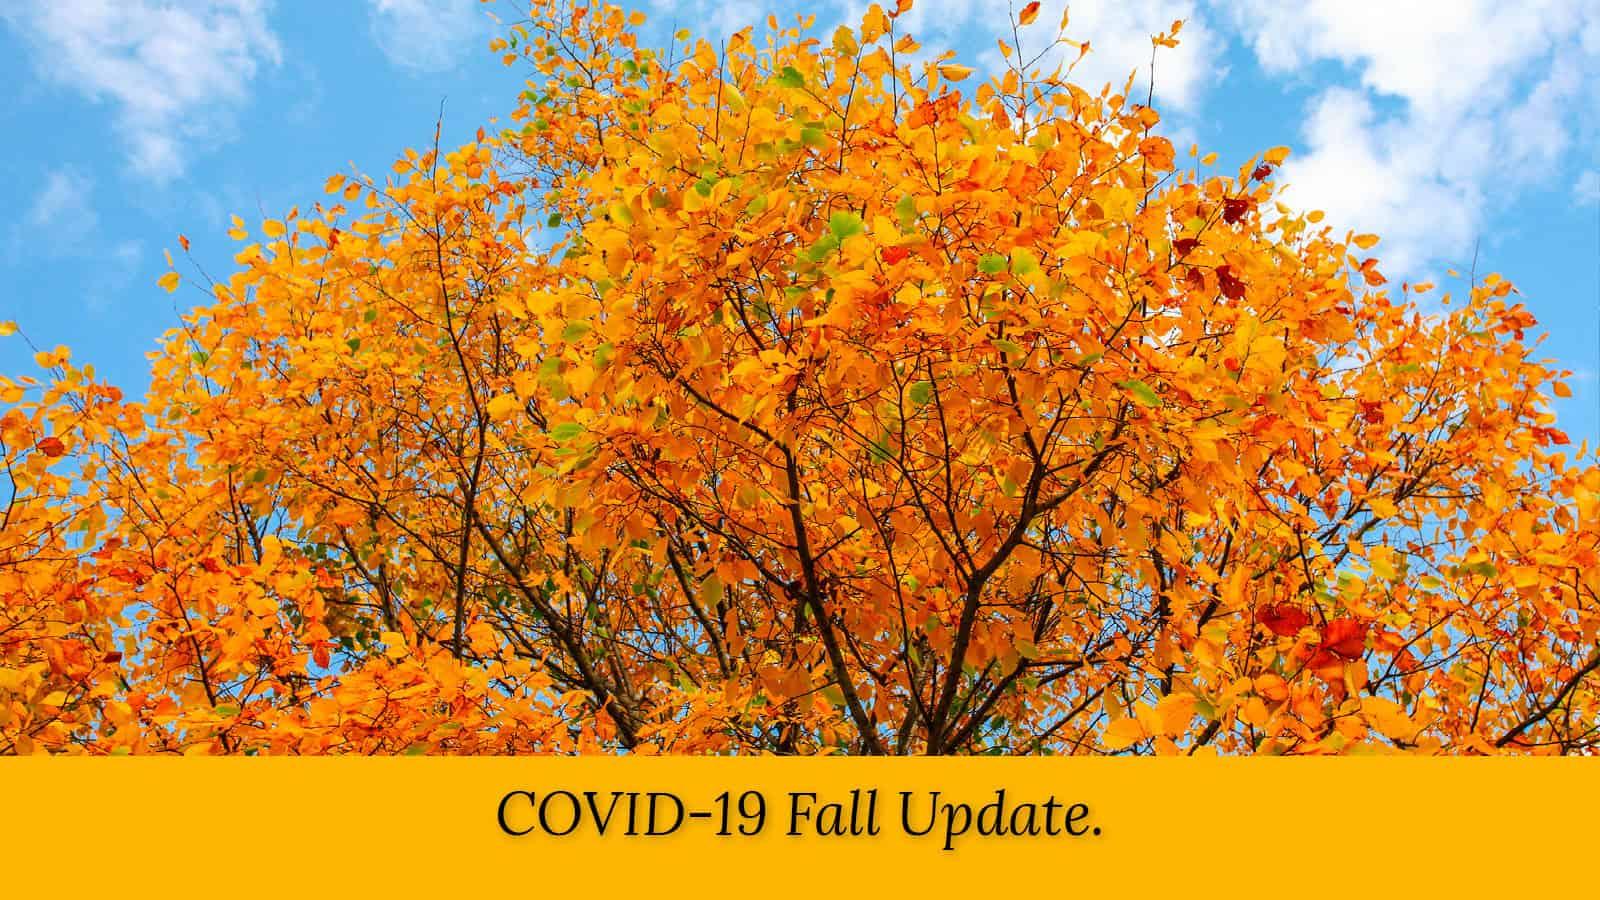 wmp-carousel-covid-19-fall-update-lora